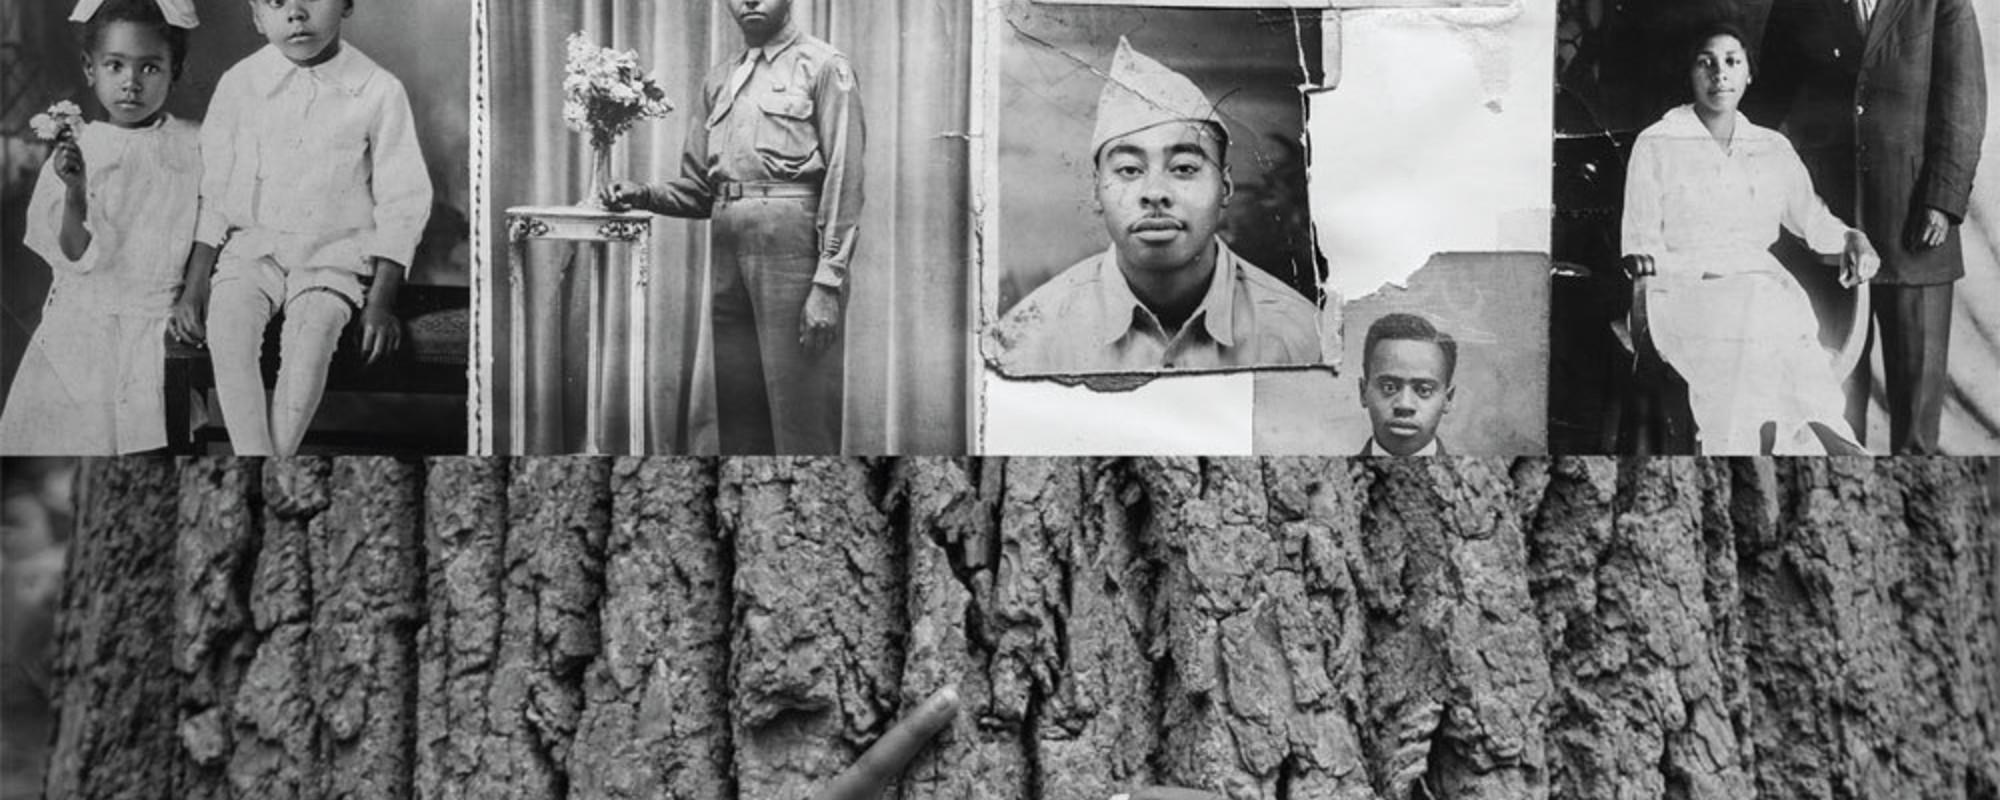 Isolationshäftlinge können sich Fotos wünschen, die extra für sie gemacht werden